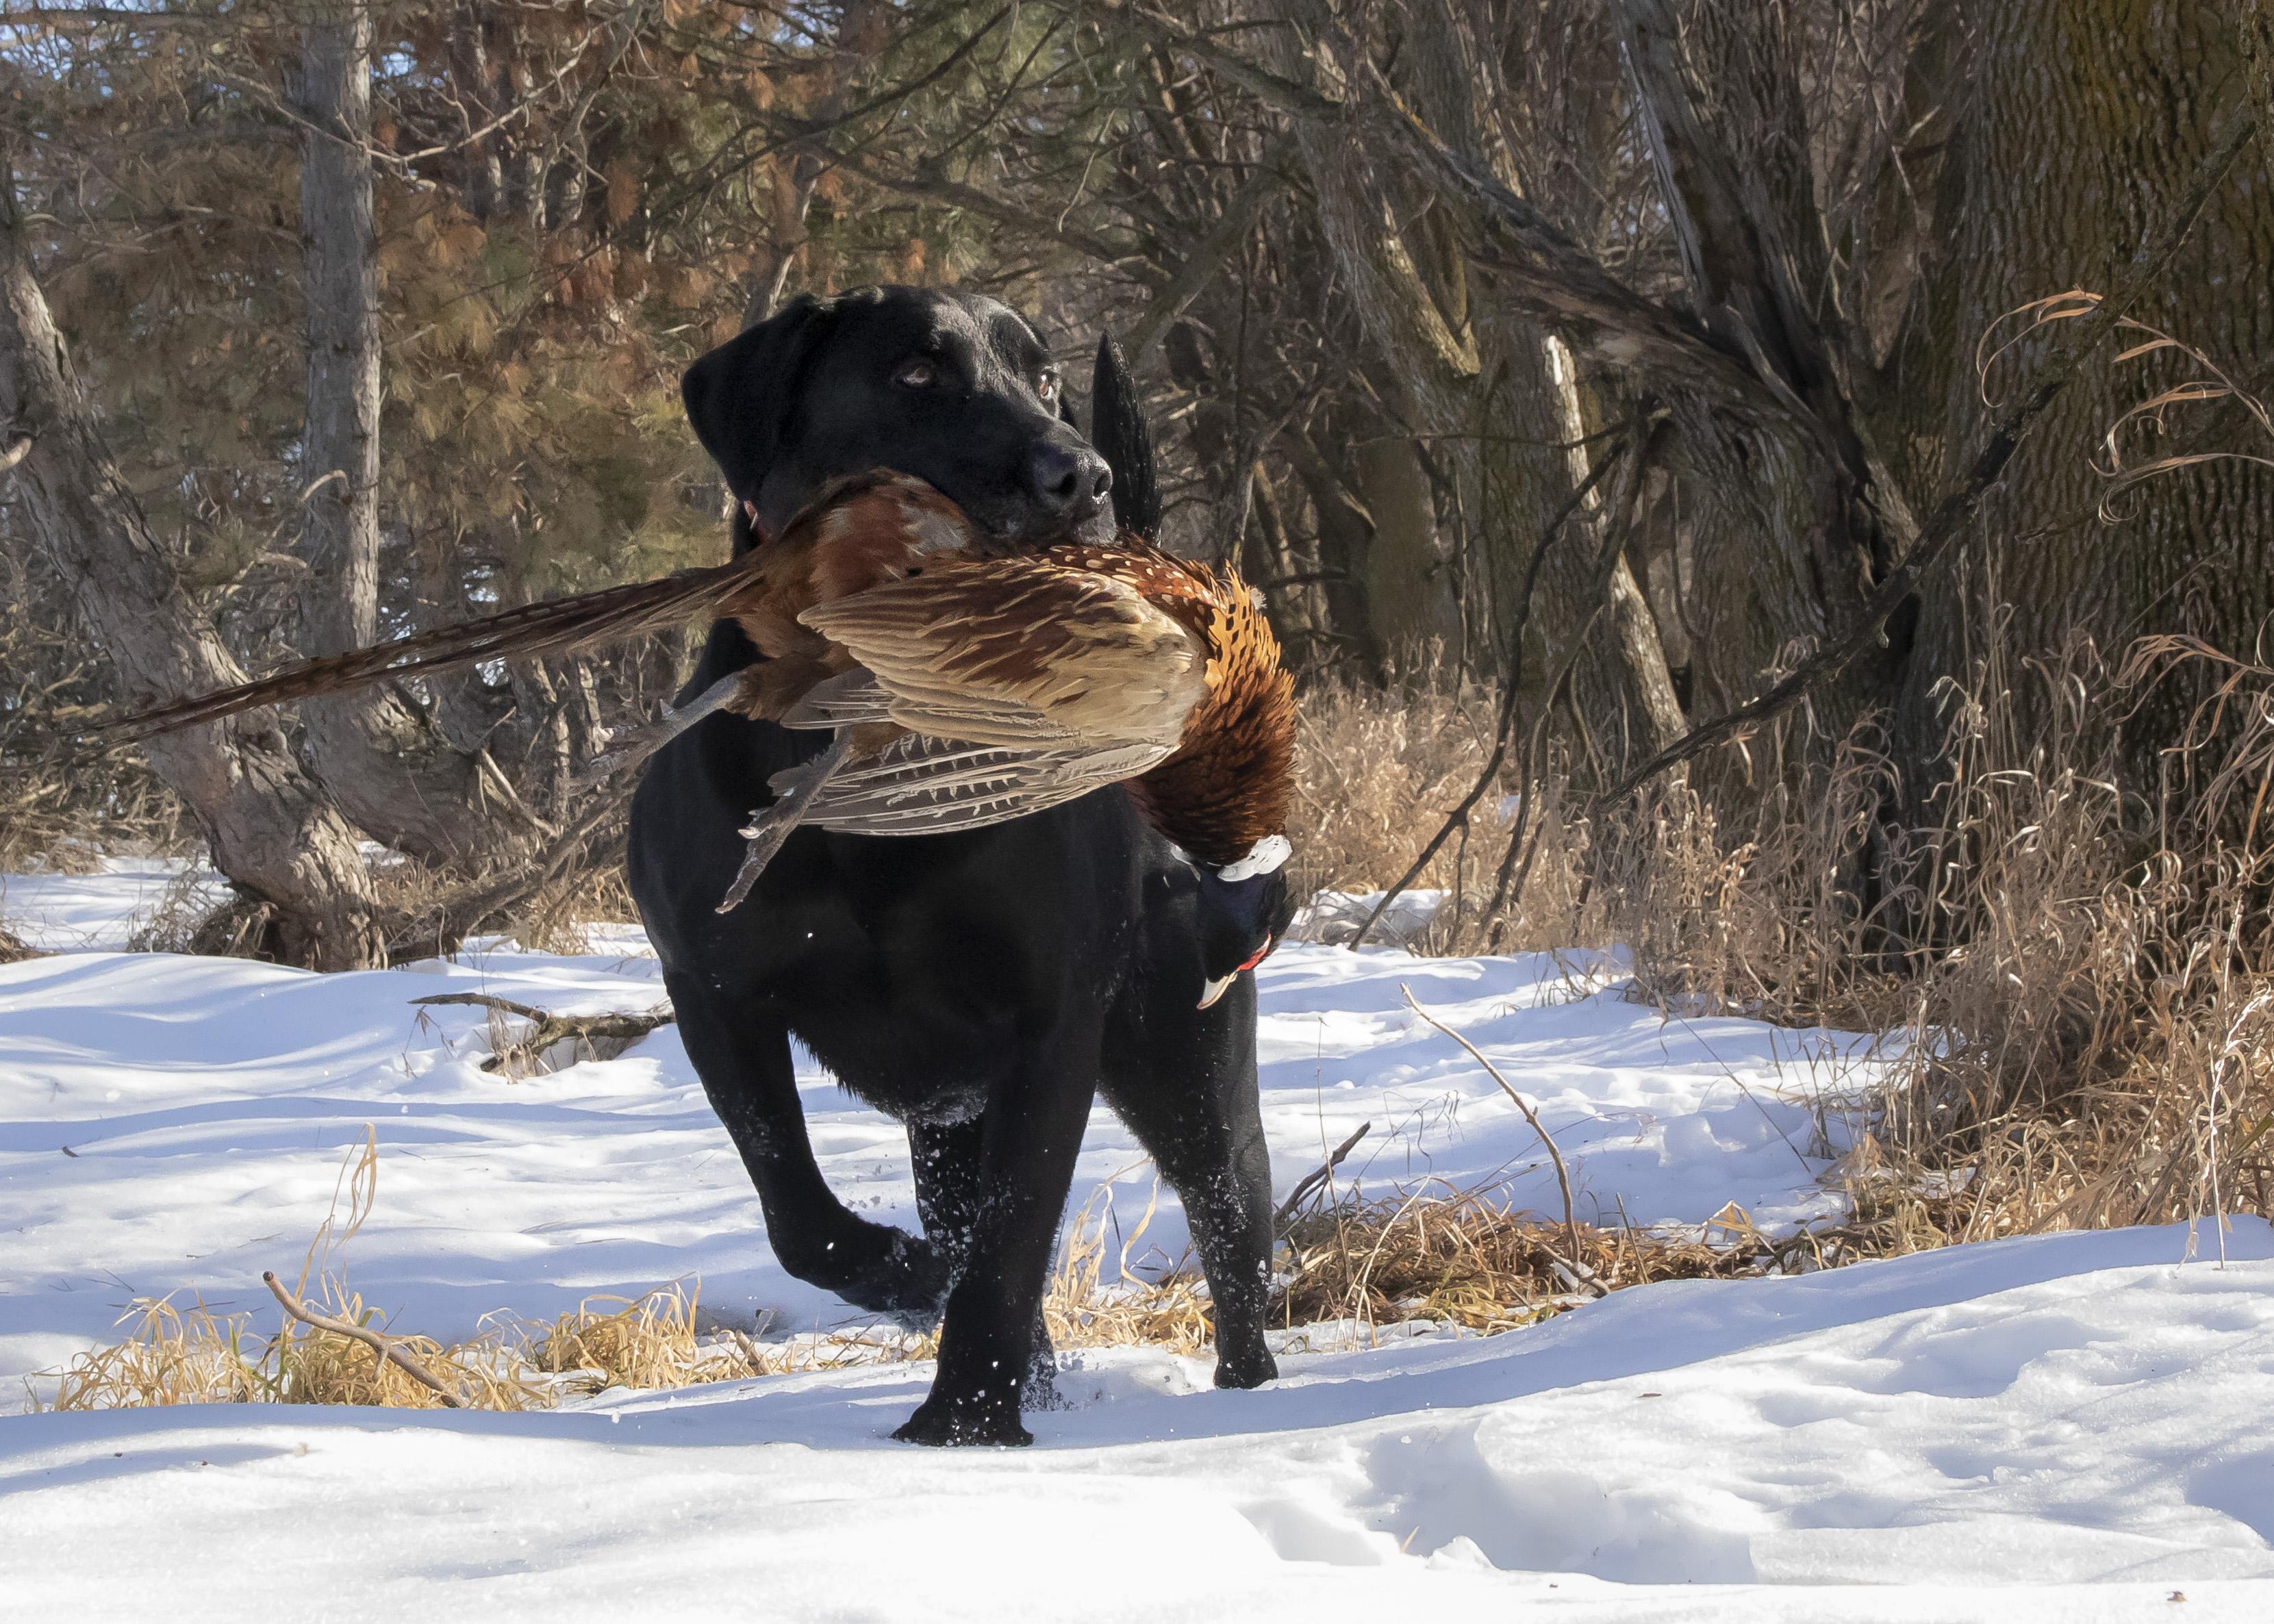 Ace retrieves a pheasant